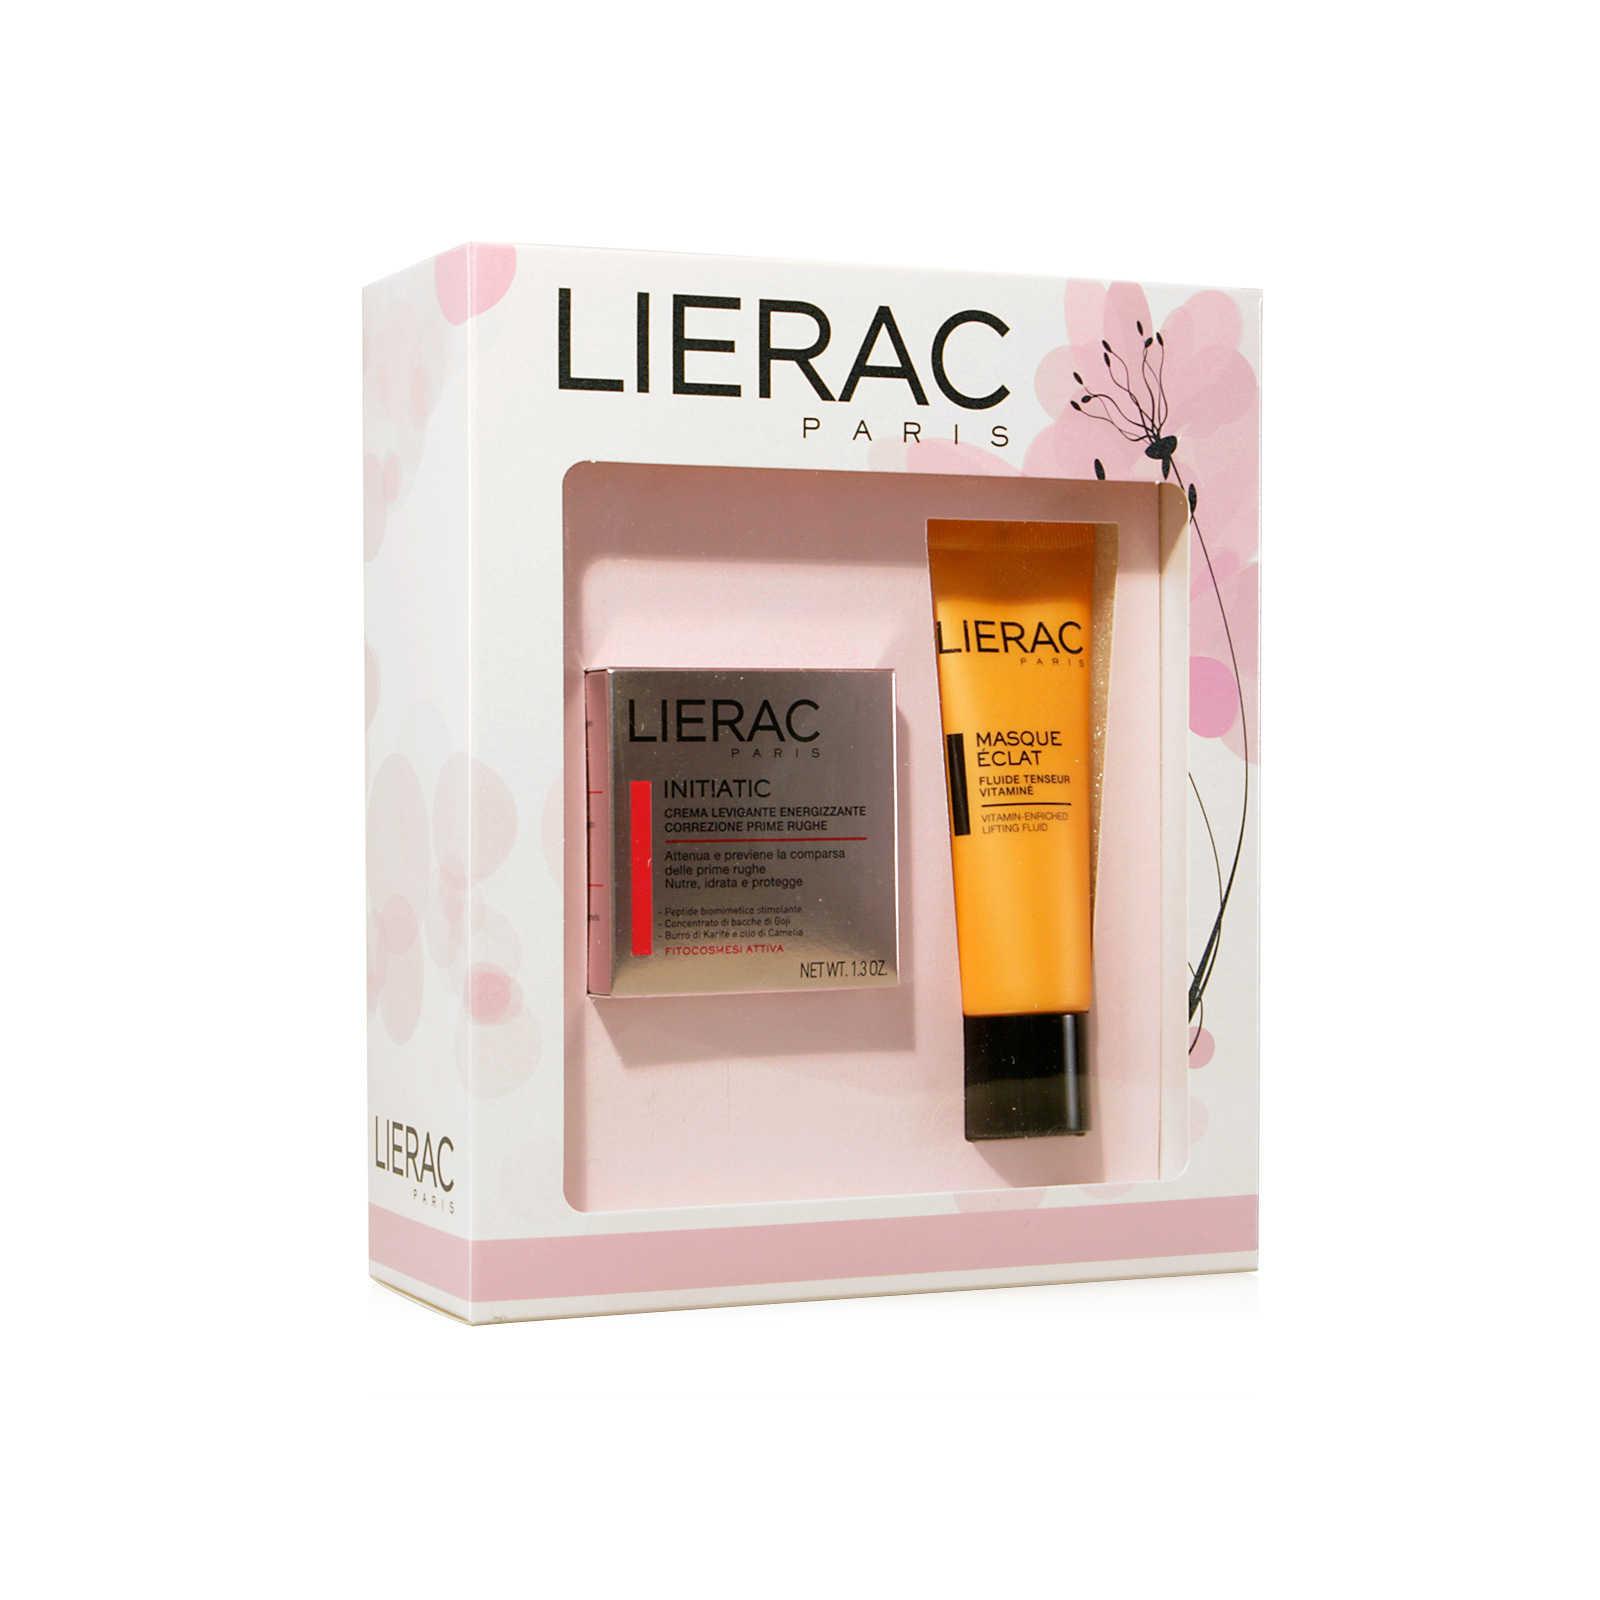 Lierac - Cofanetto Initiatic - con Masque Eclat - Trattamento viso